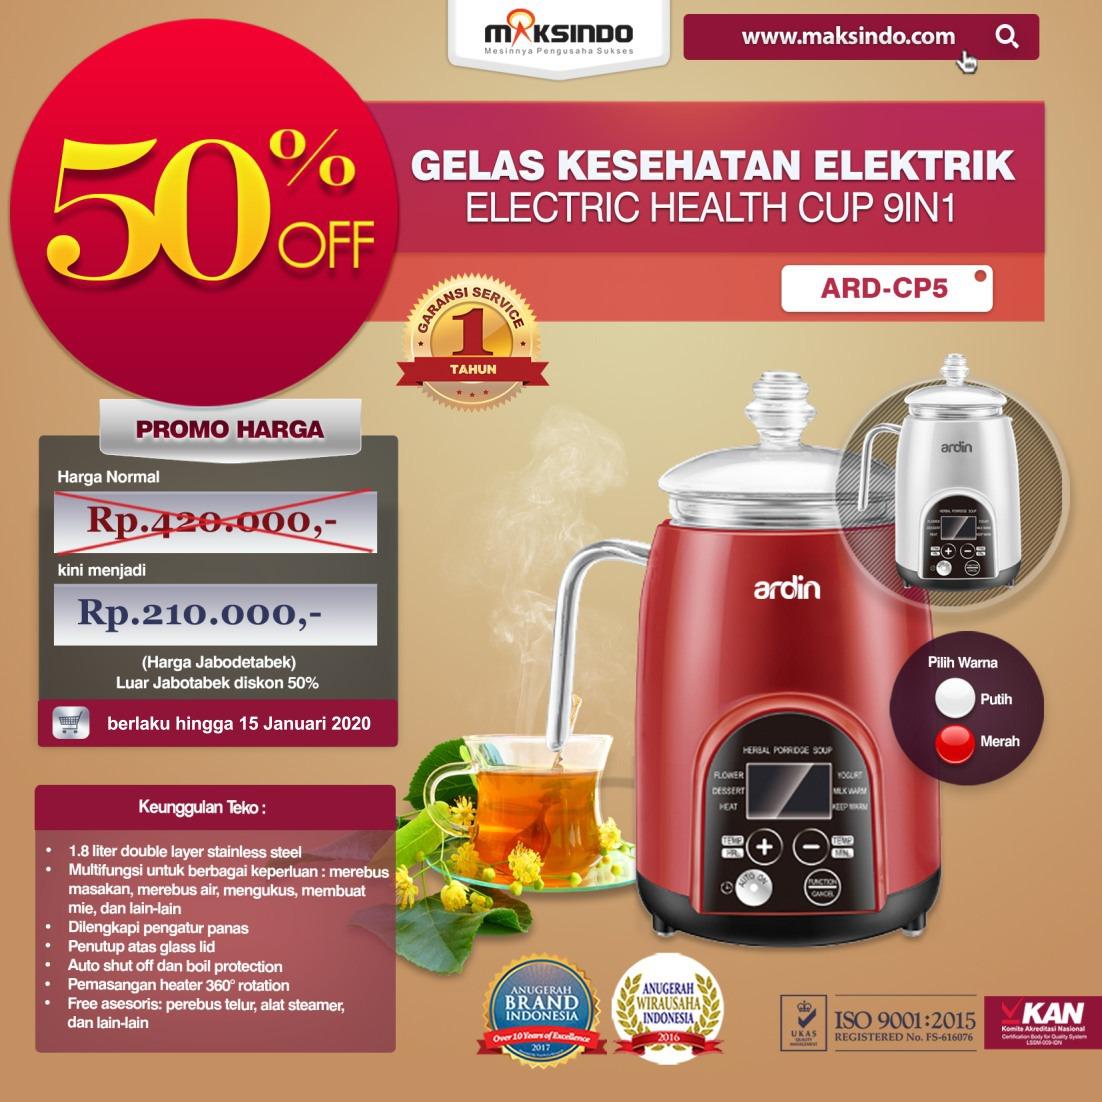 Jual Gelas Kesehatan Elektrik (Electric Cup Health) ARD-CP5 di Malang